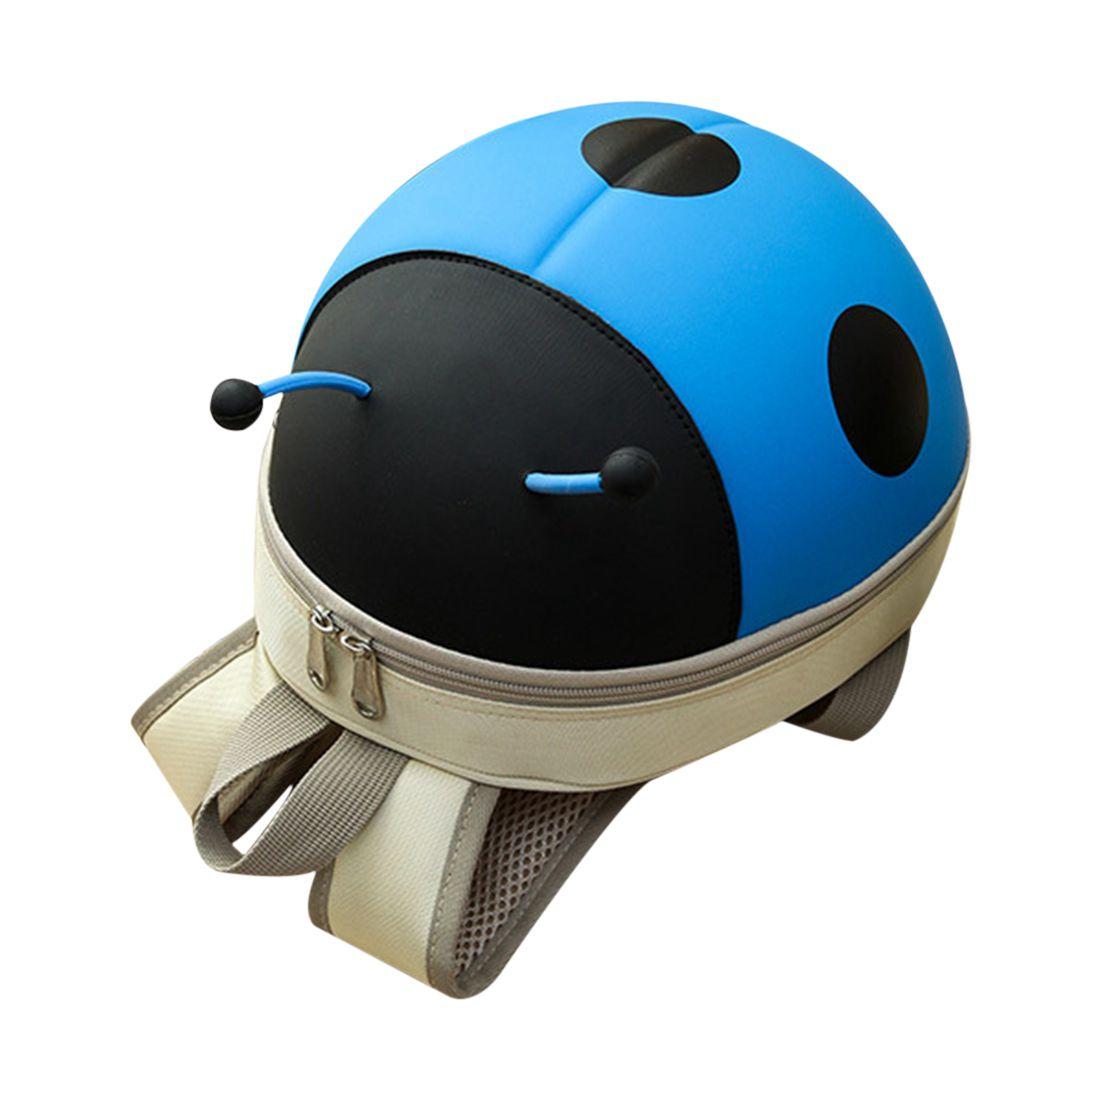 Snny новый детский рюкзак мультфильм жук молния малыша Сумка синий ...